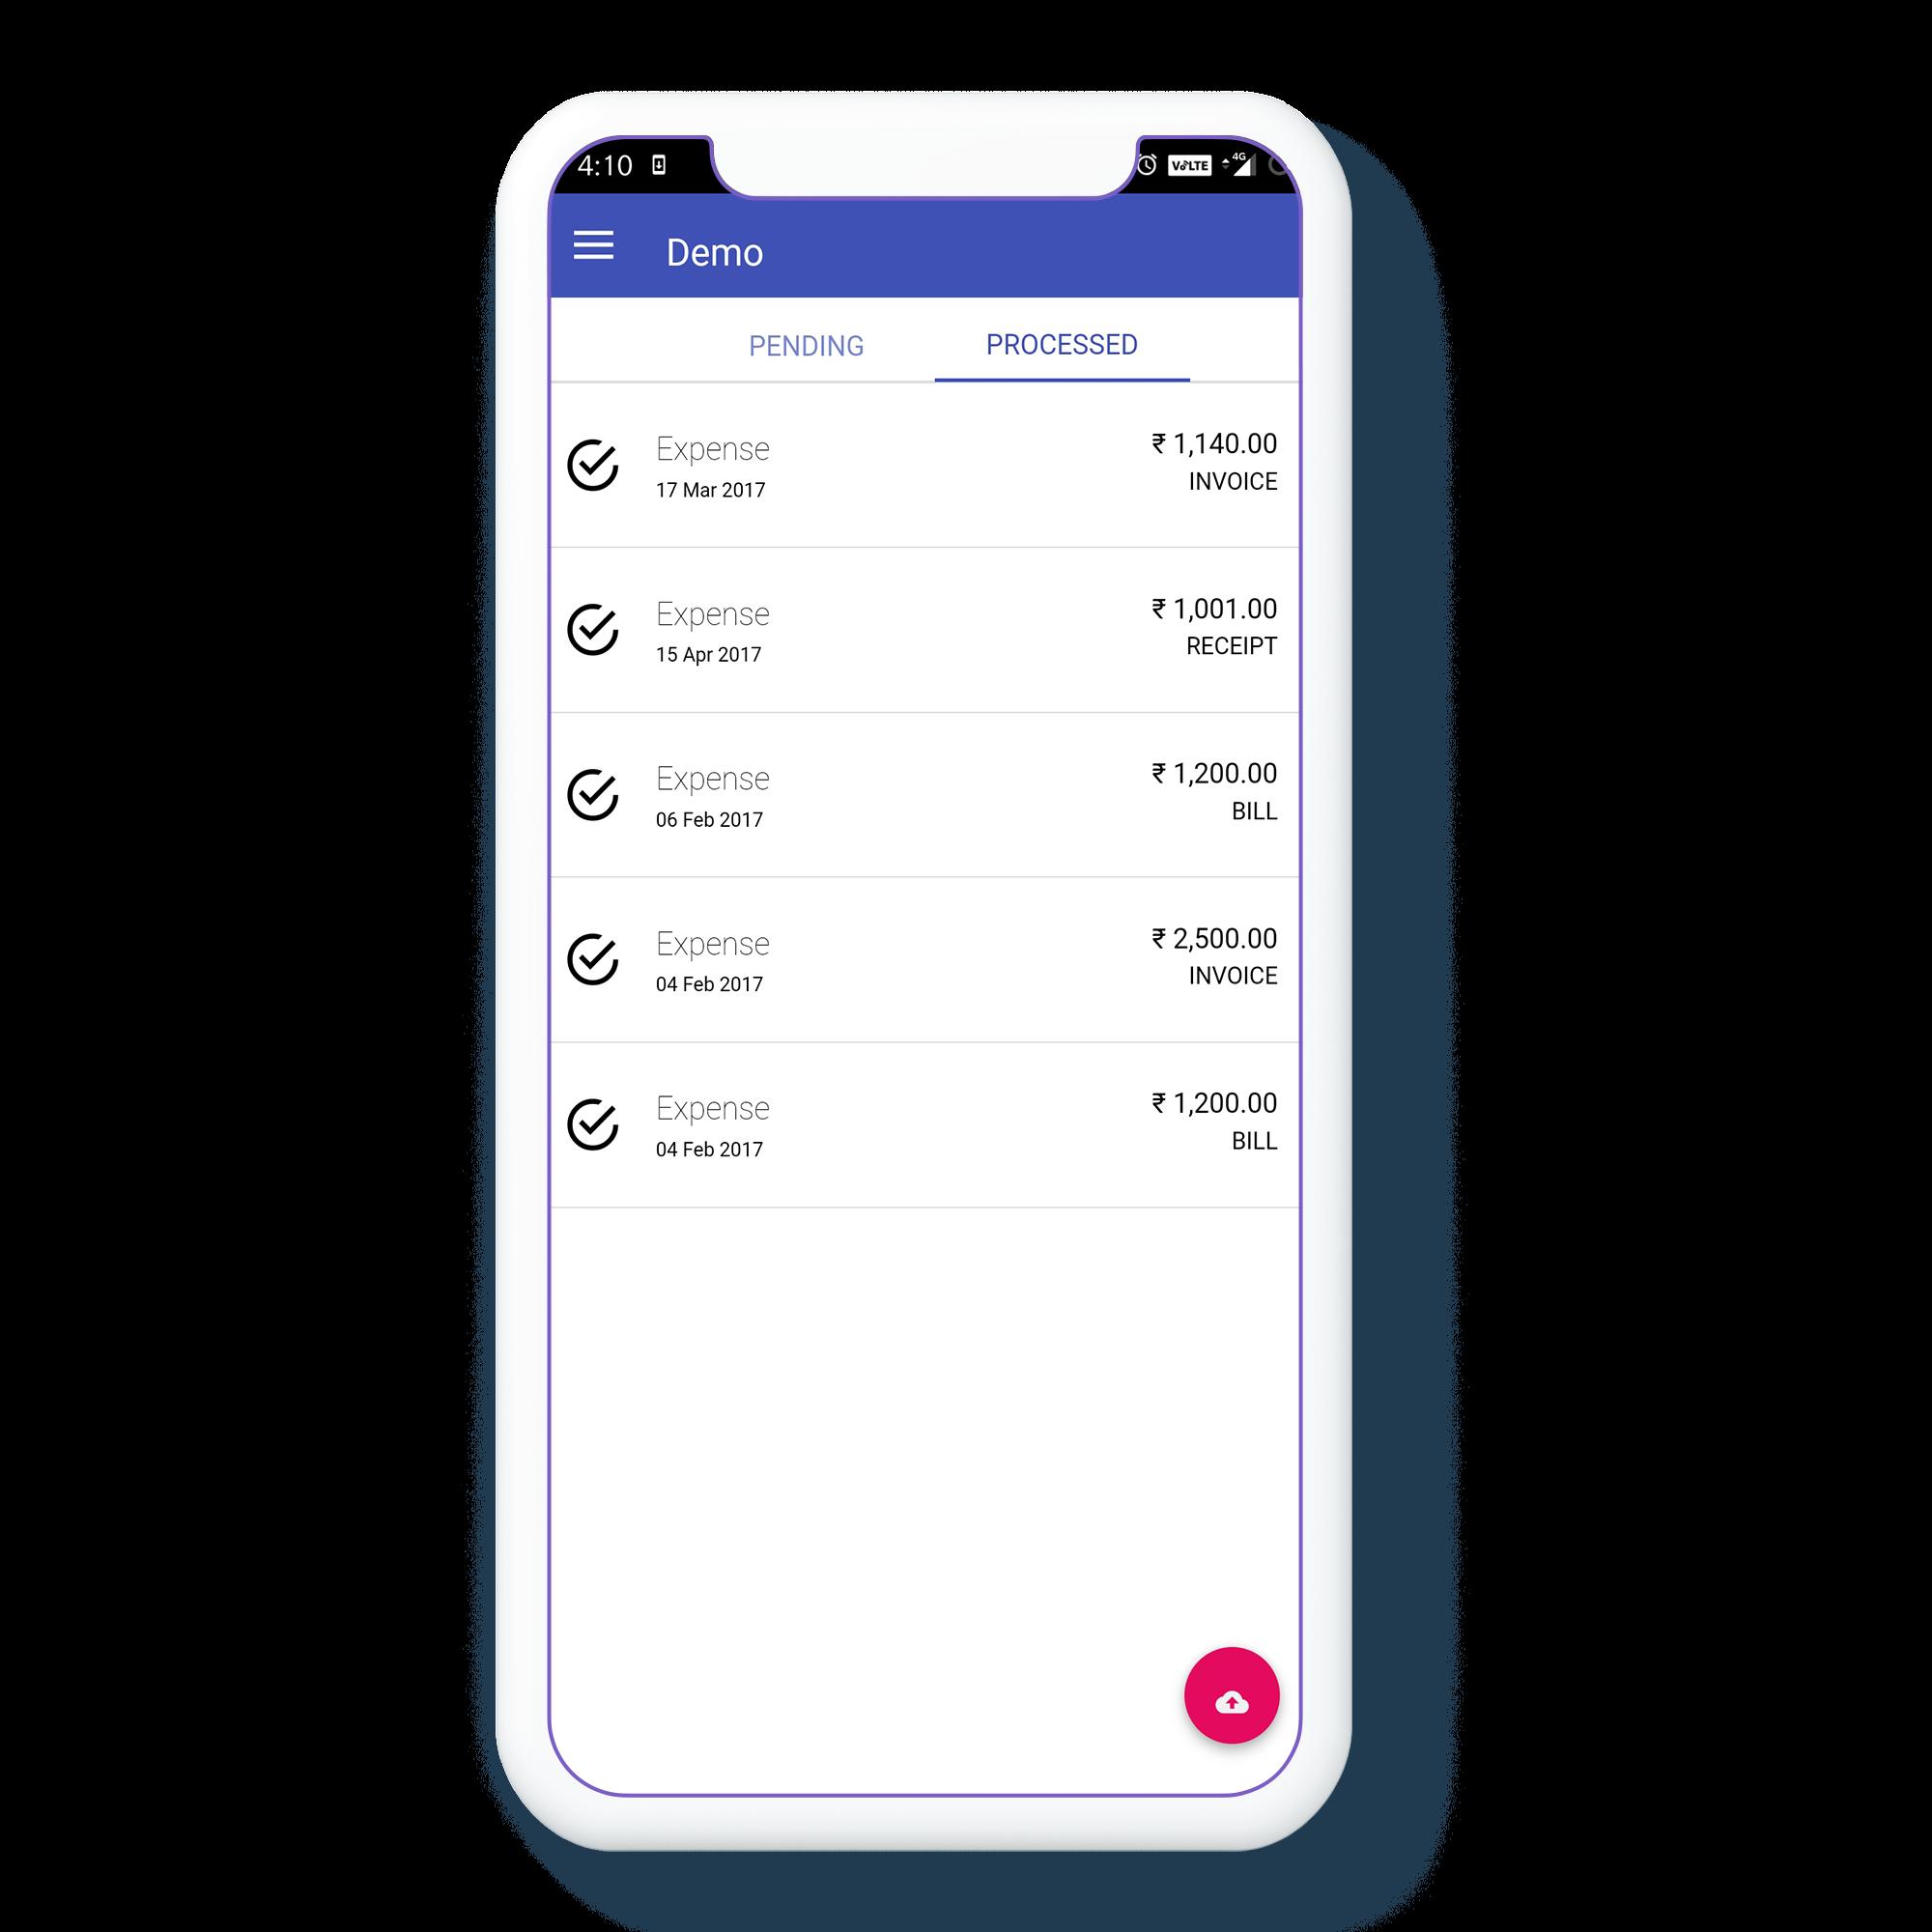 zybra-receipts-manager-app   Zybra